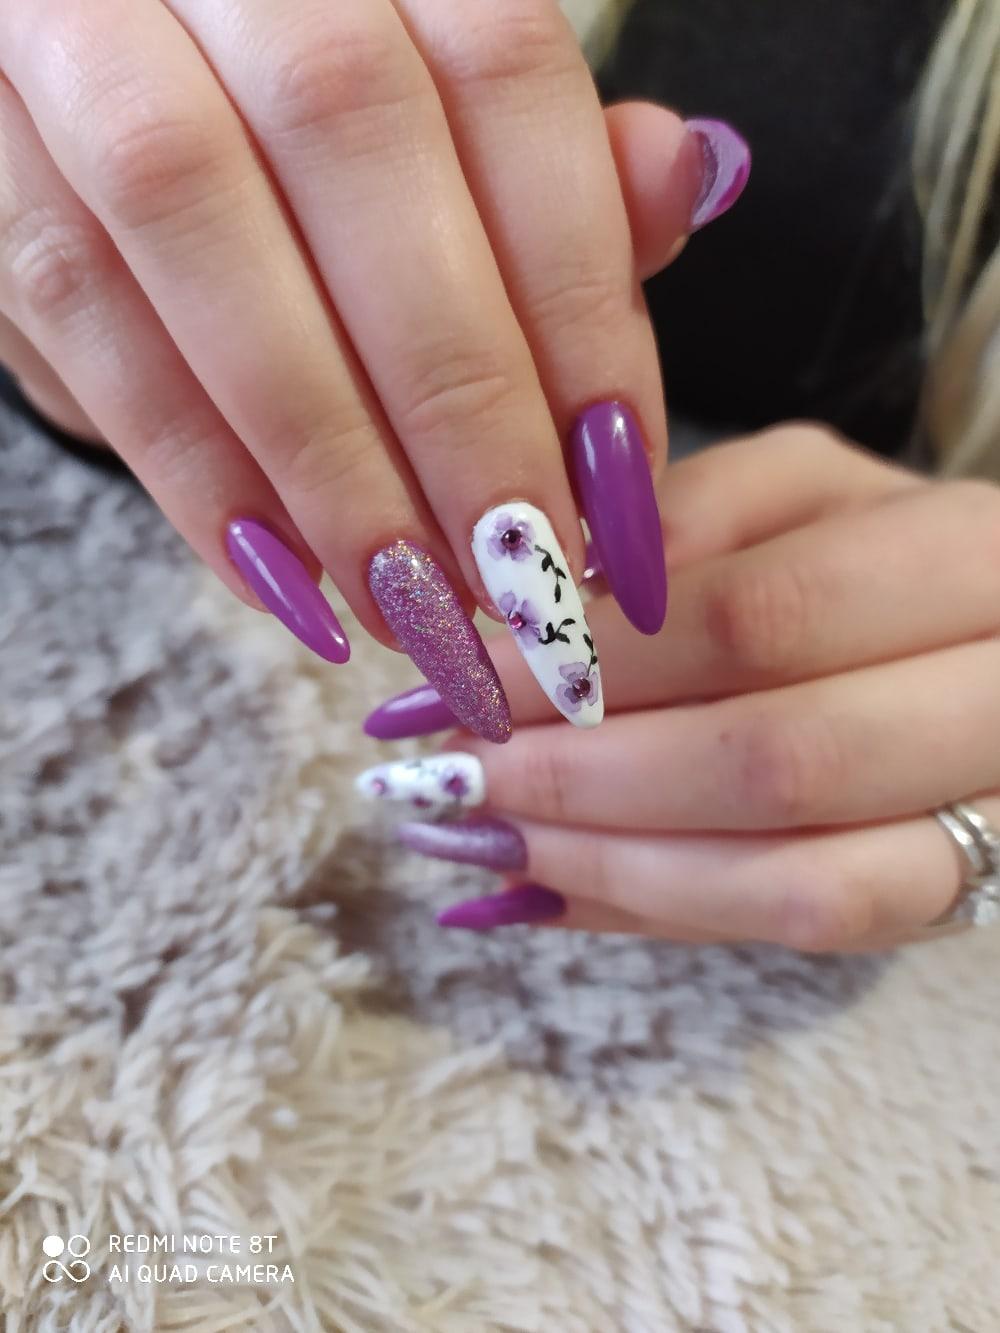 Маникюр с цветочным рисунком, блестками и стразами в фиолетовом цвете на длинные ногти.